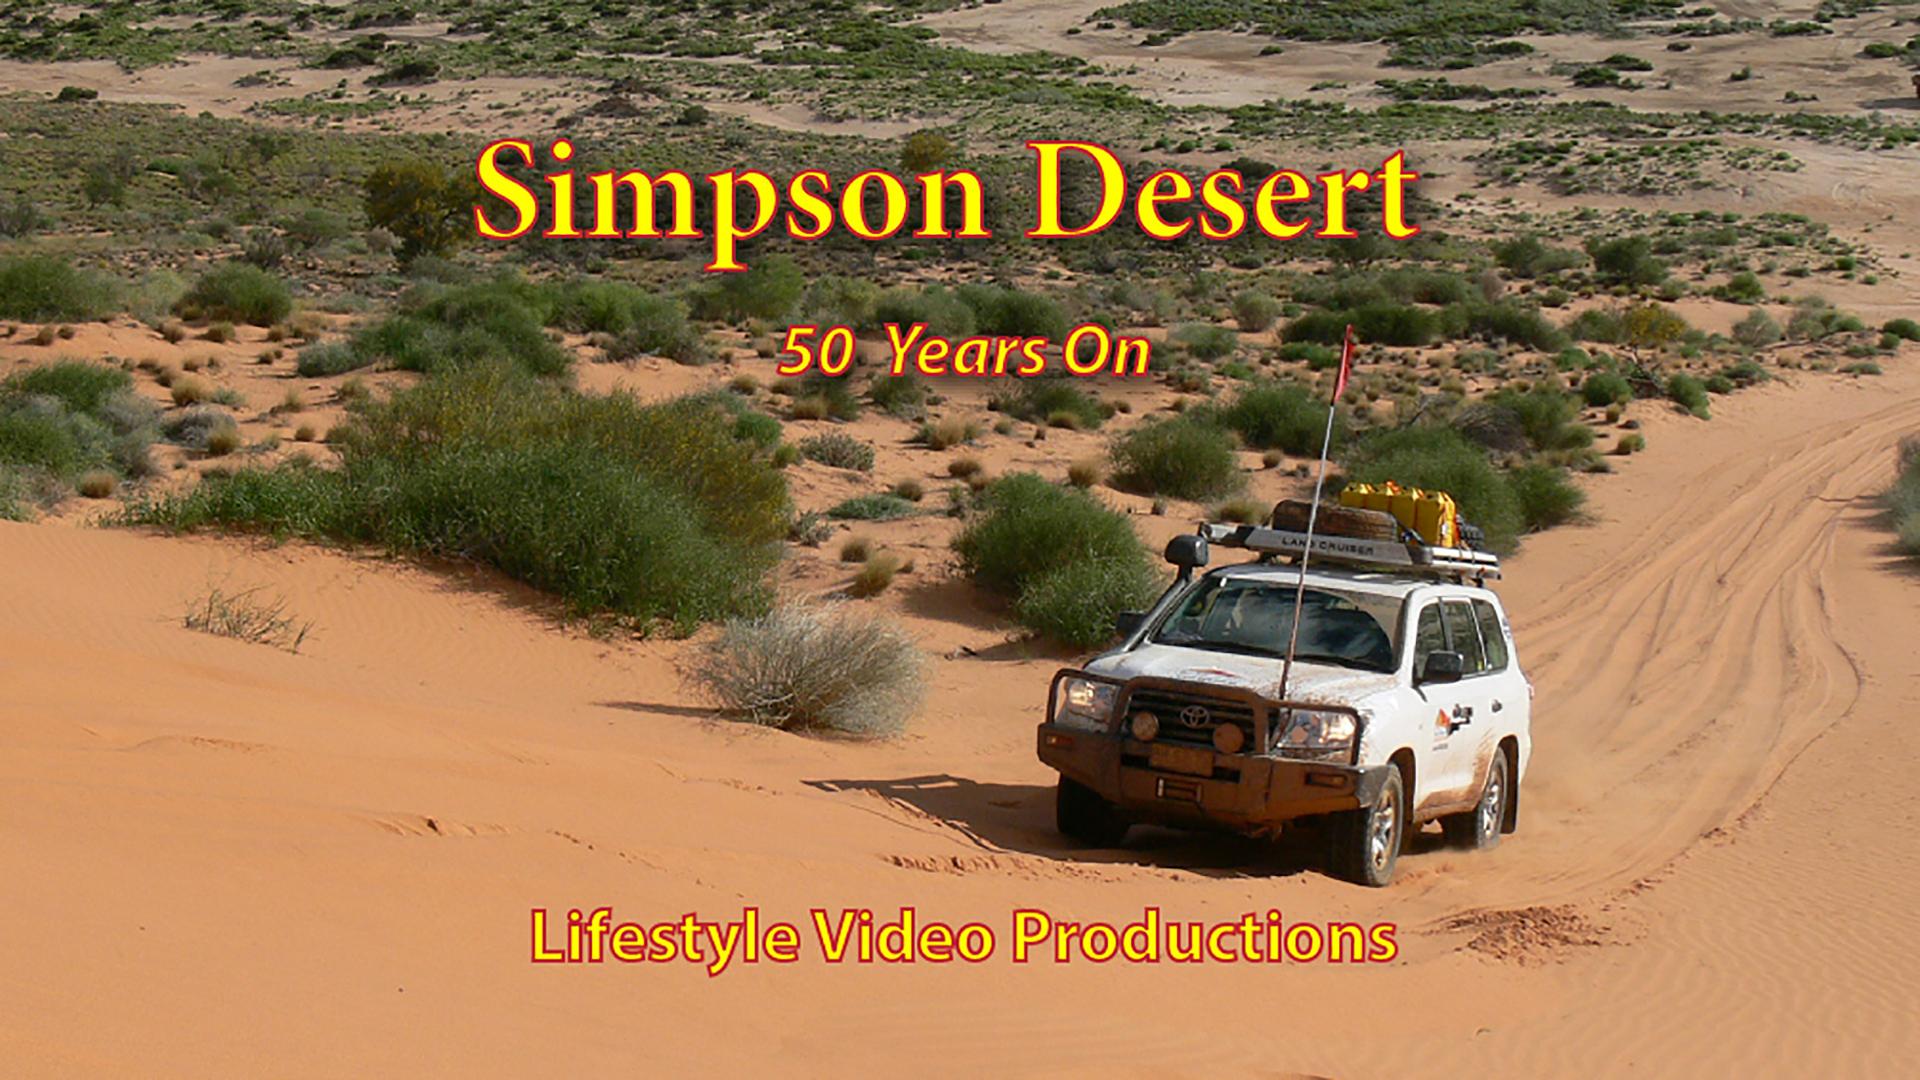 Simpson Desert: 50 Years On